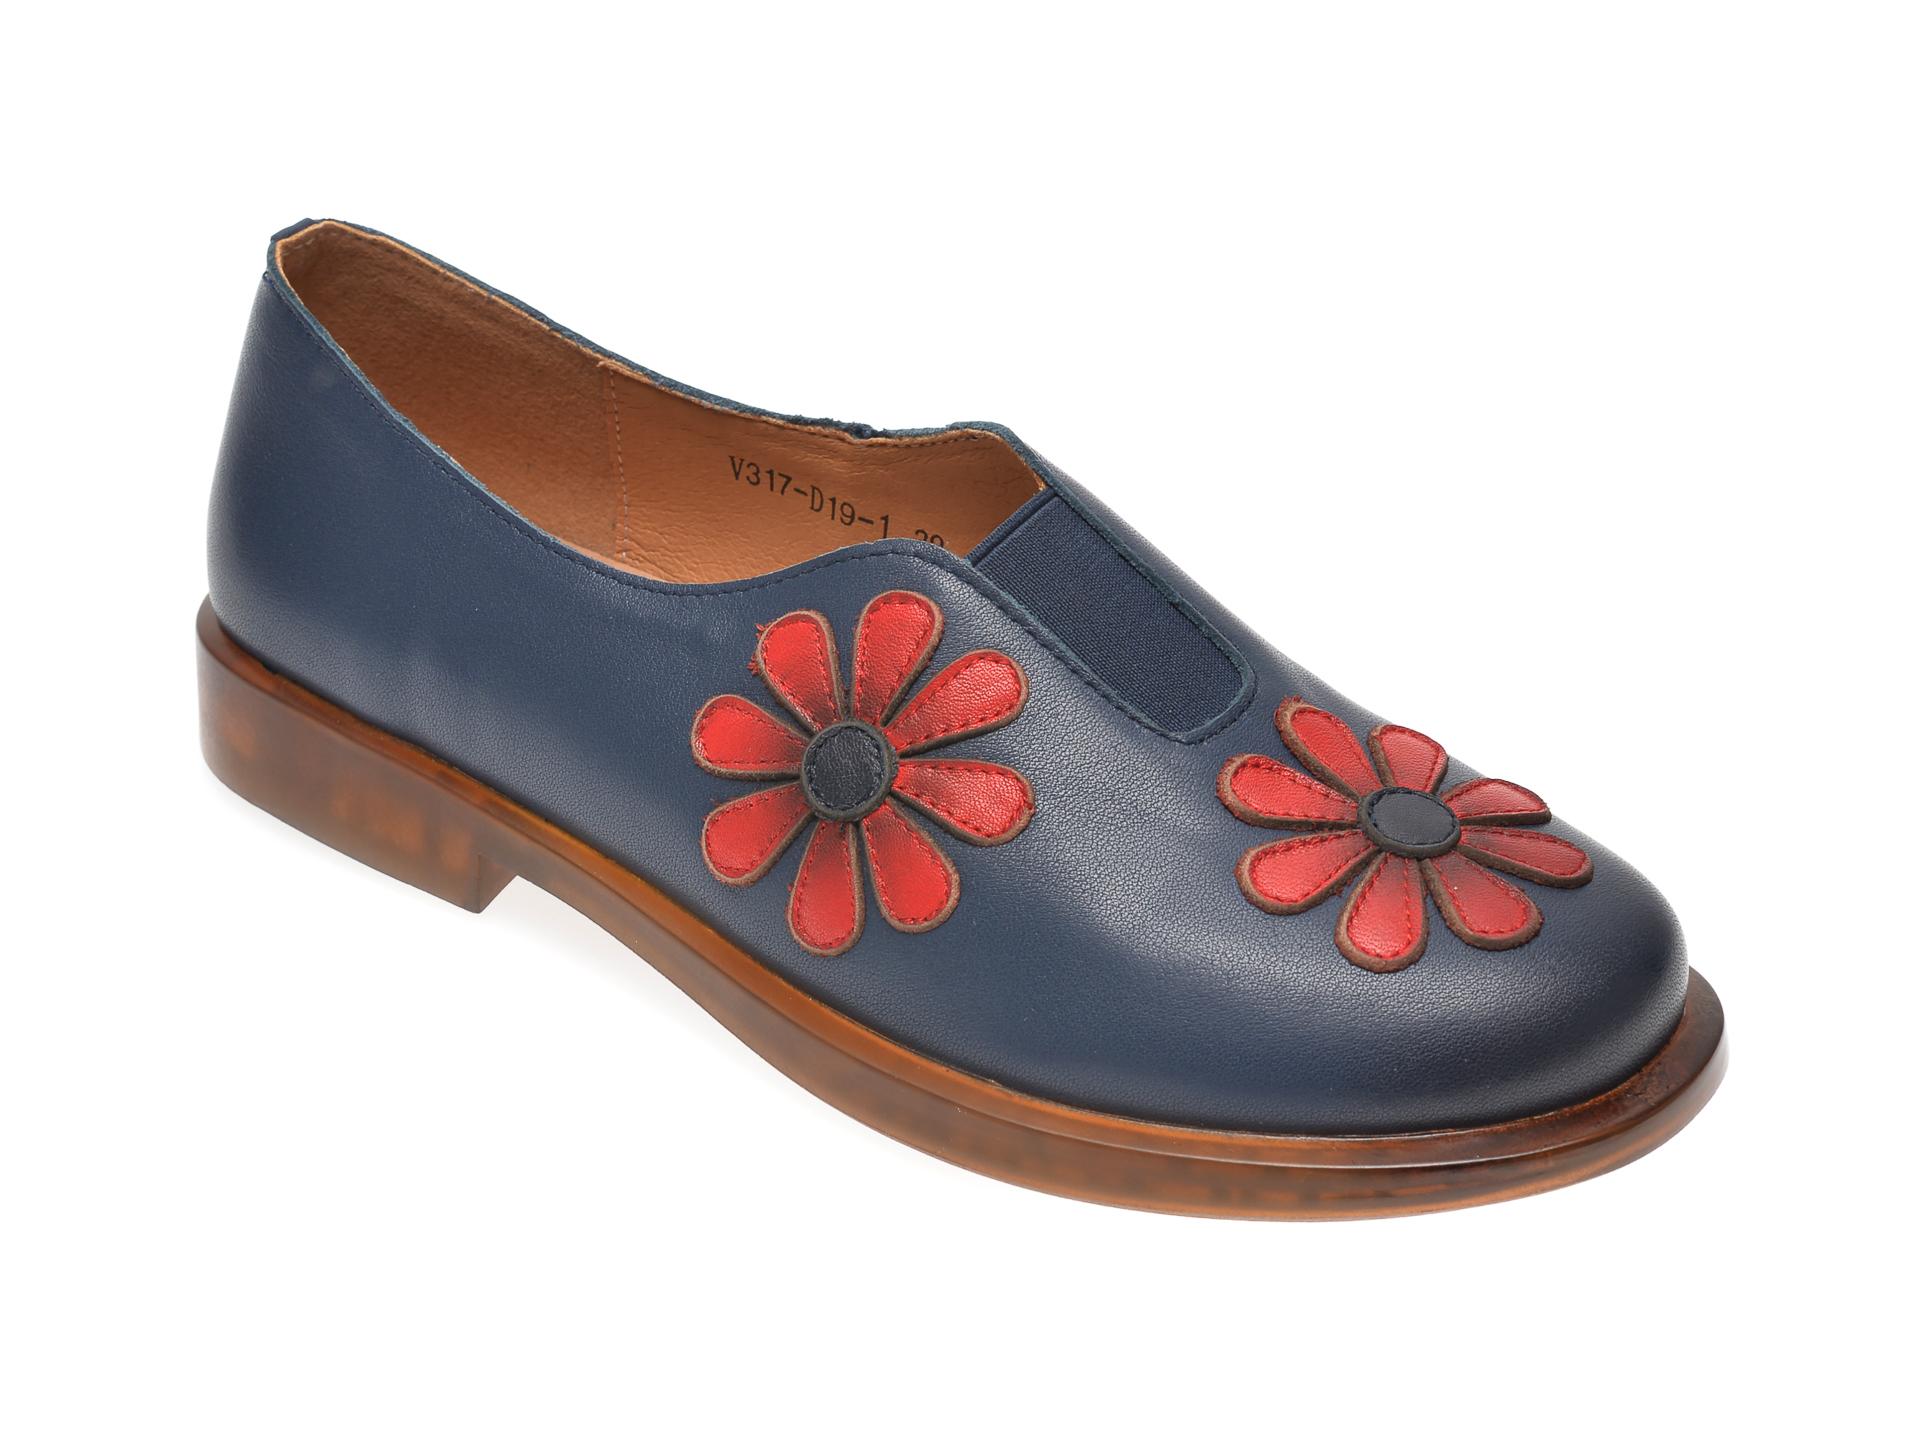 Pantofi FLAVIA PASSINI bleumarin, V317D19, din piele naturala New